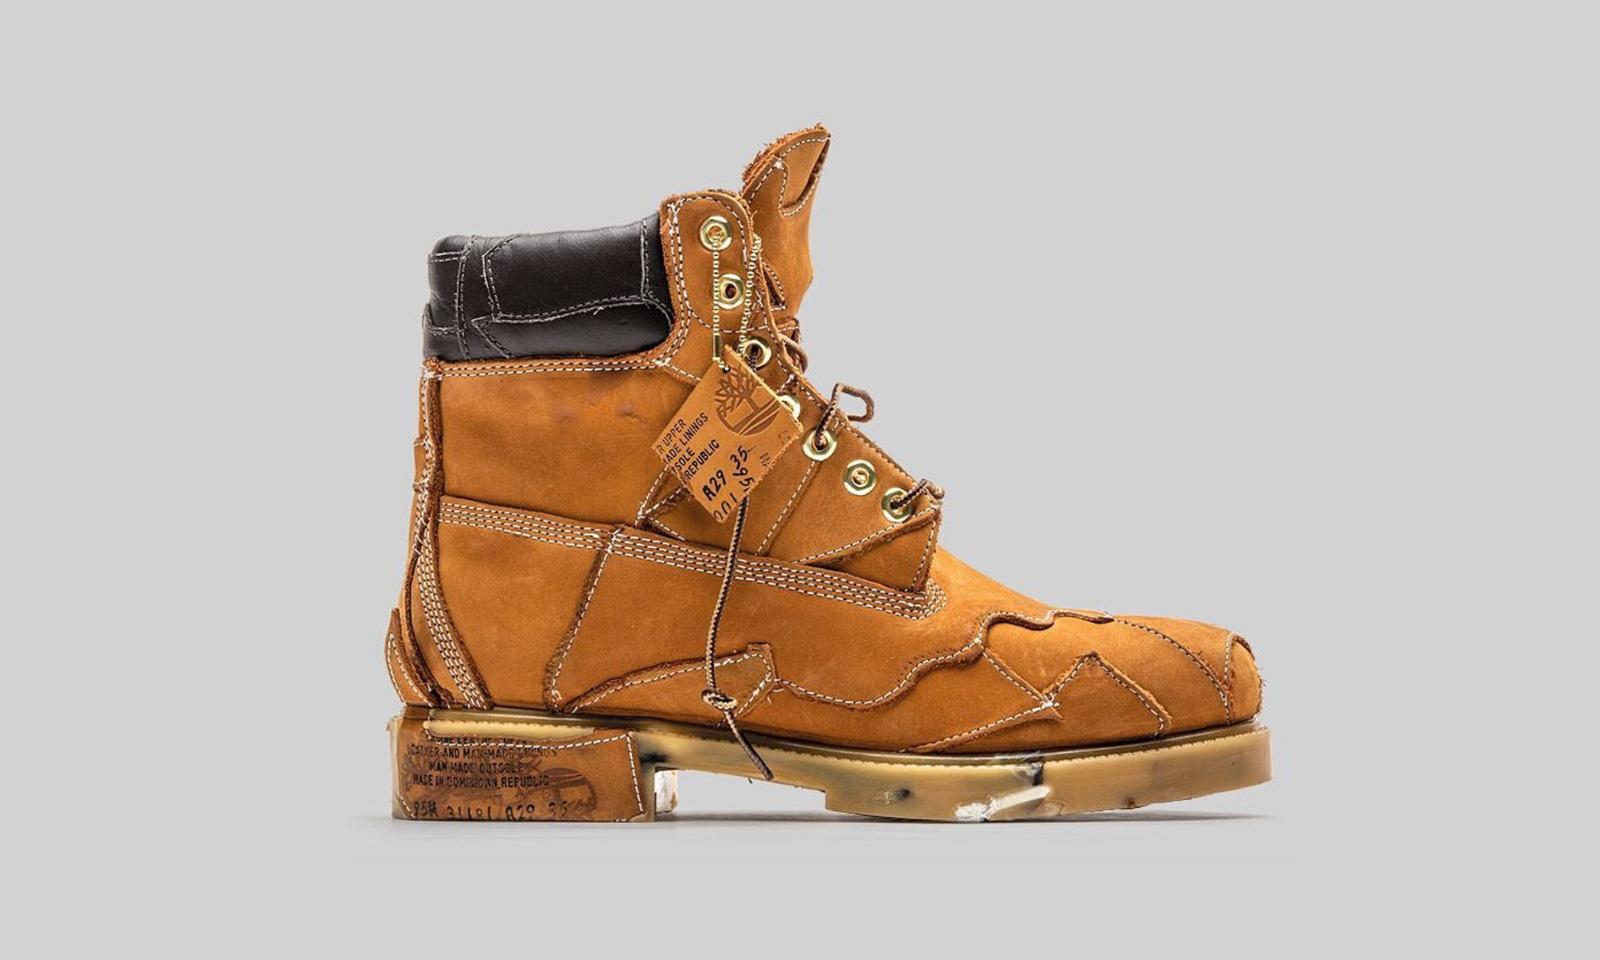 没人关注这个鞋子系列,真太可惜了